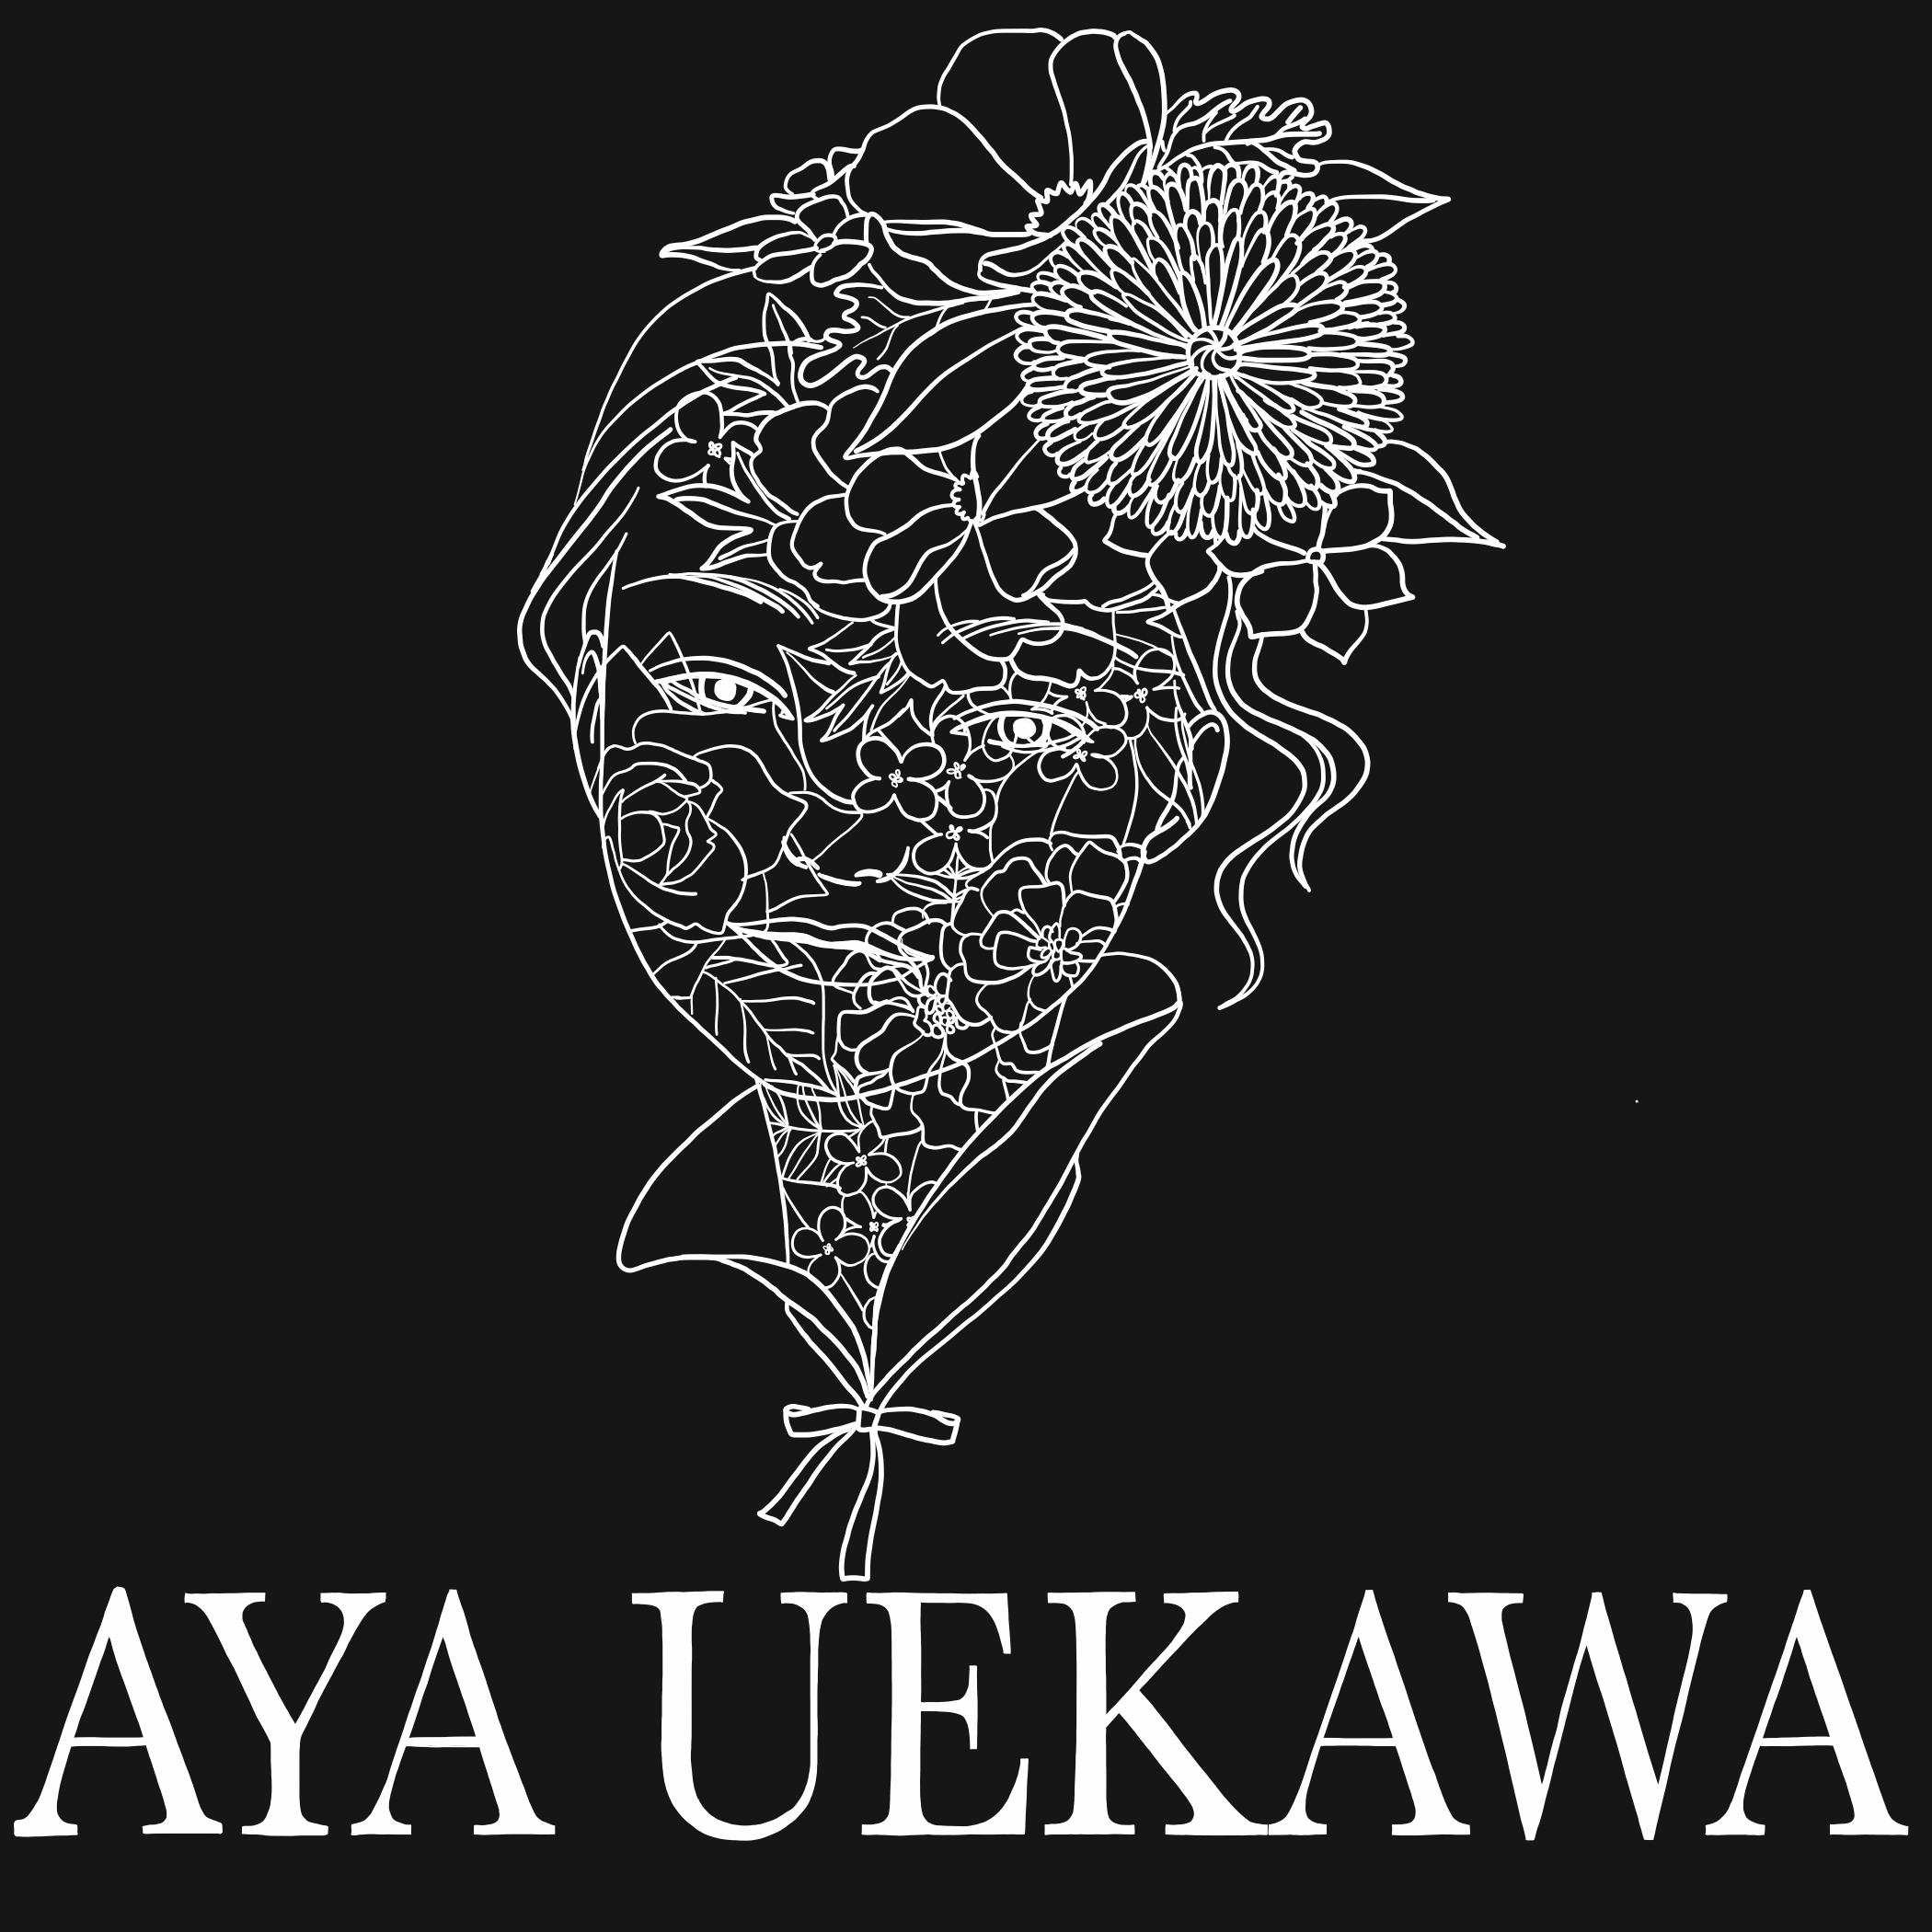 Aya Uekawa